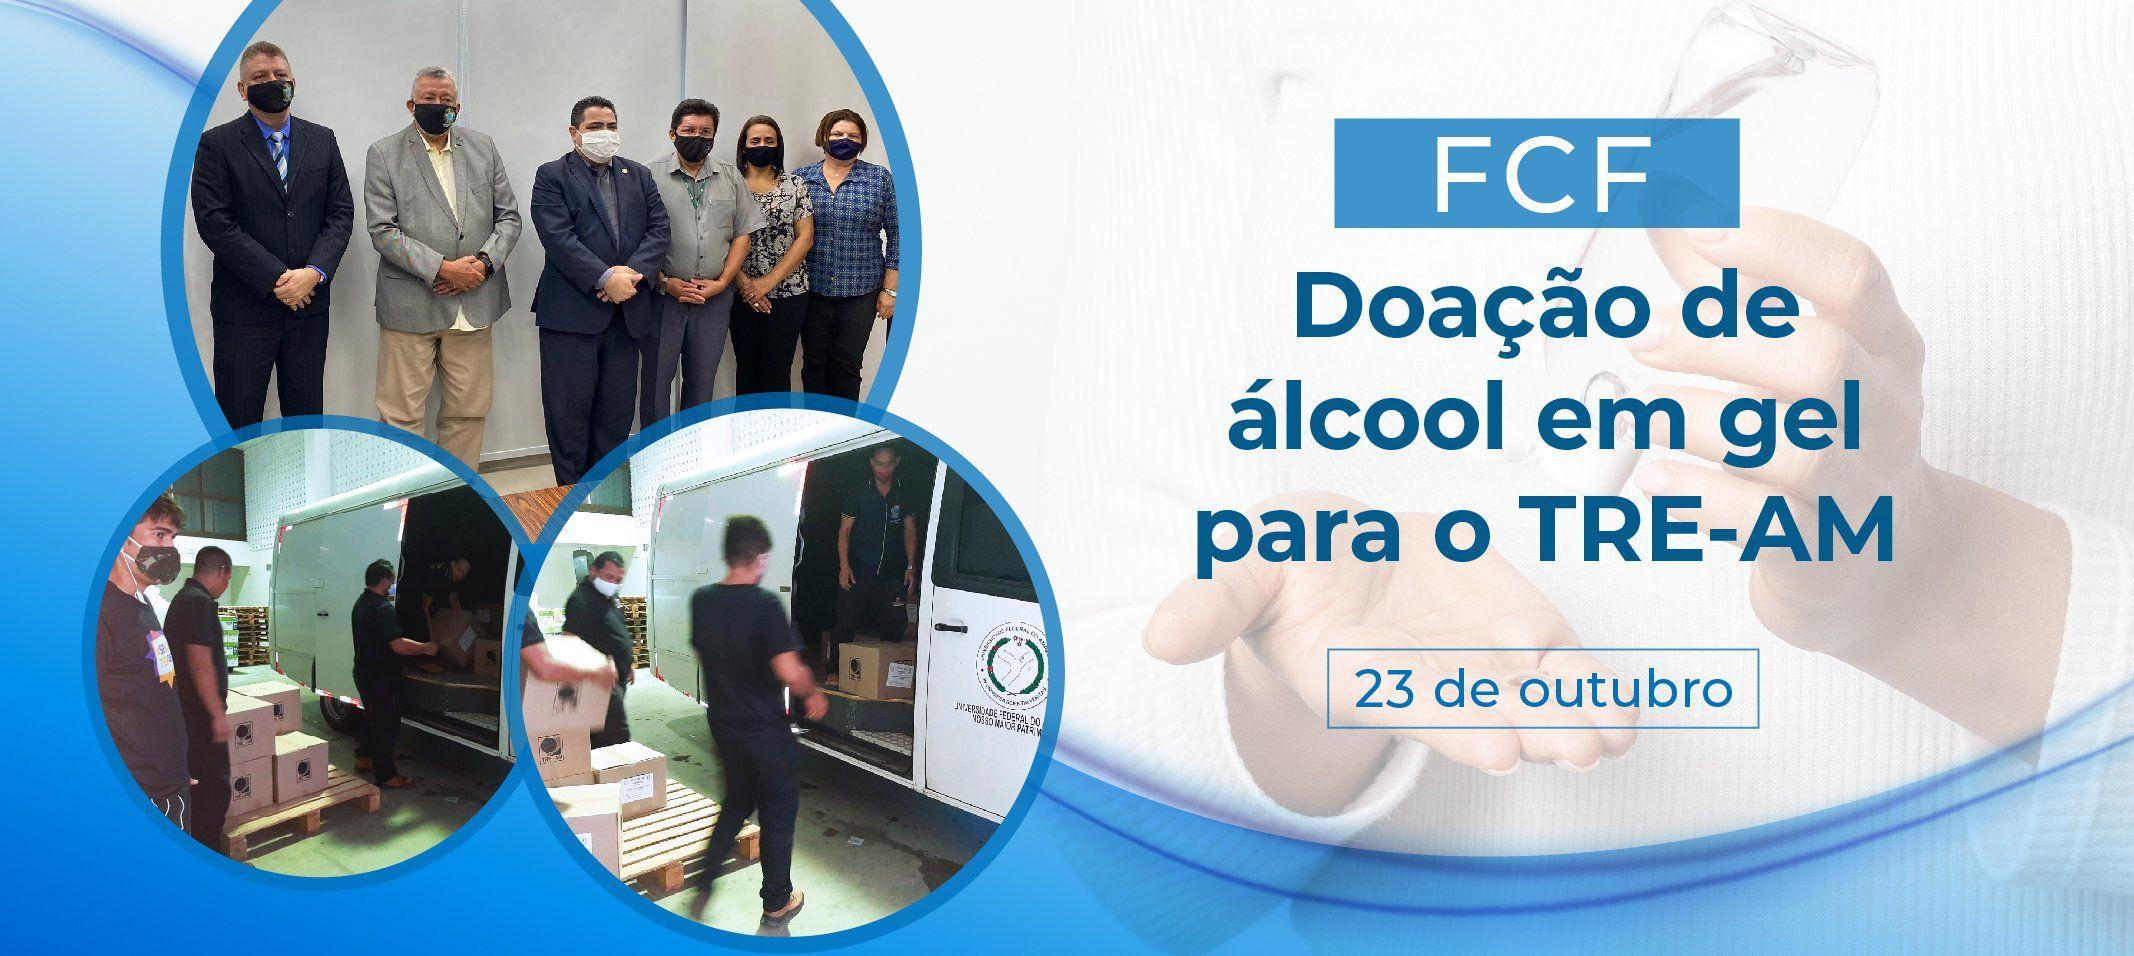 Ufam apoia TRE-AM nas eleições  com doação de 2 mil litros de álcool gel